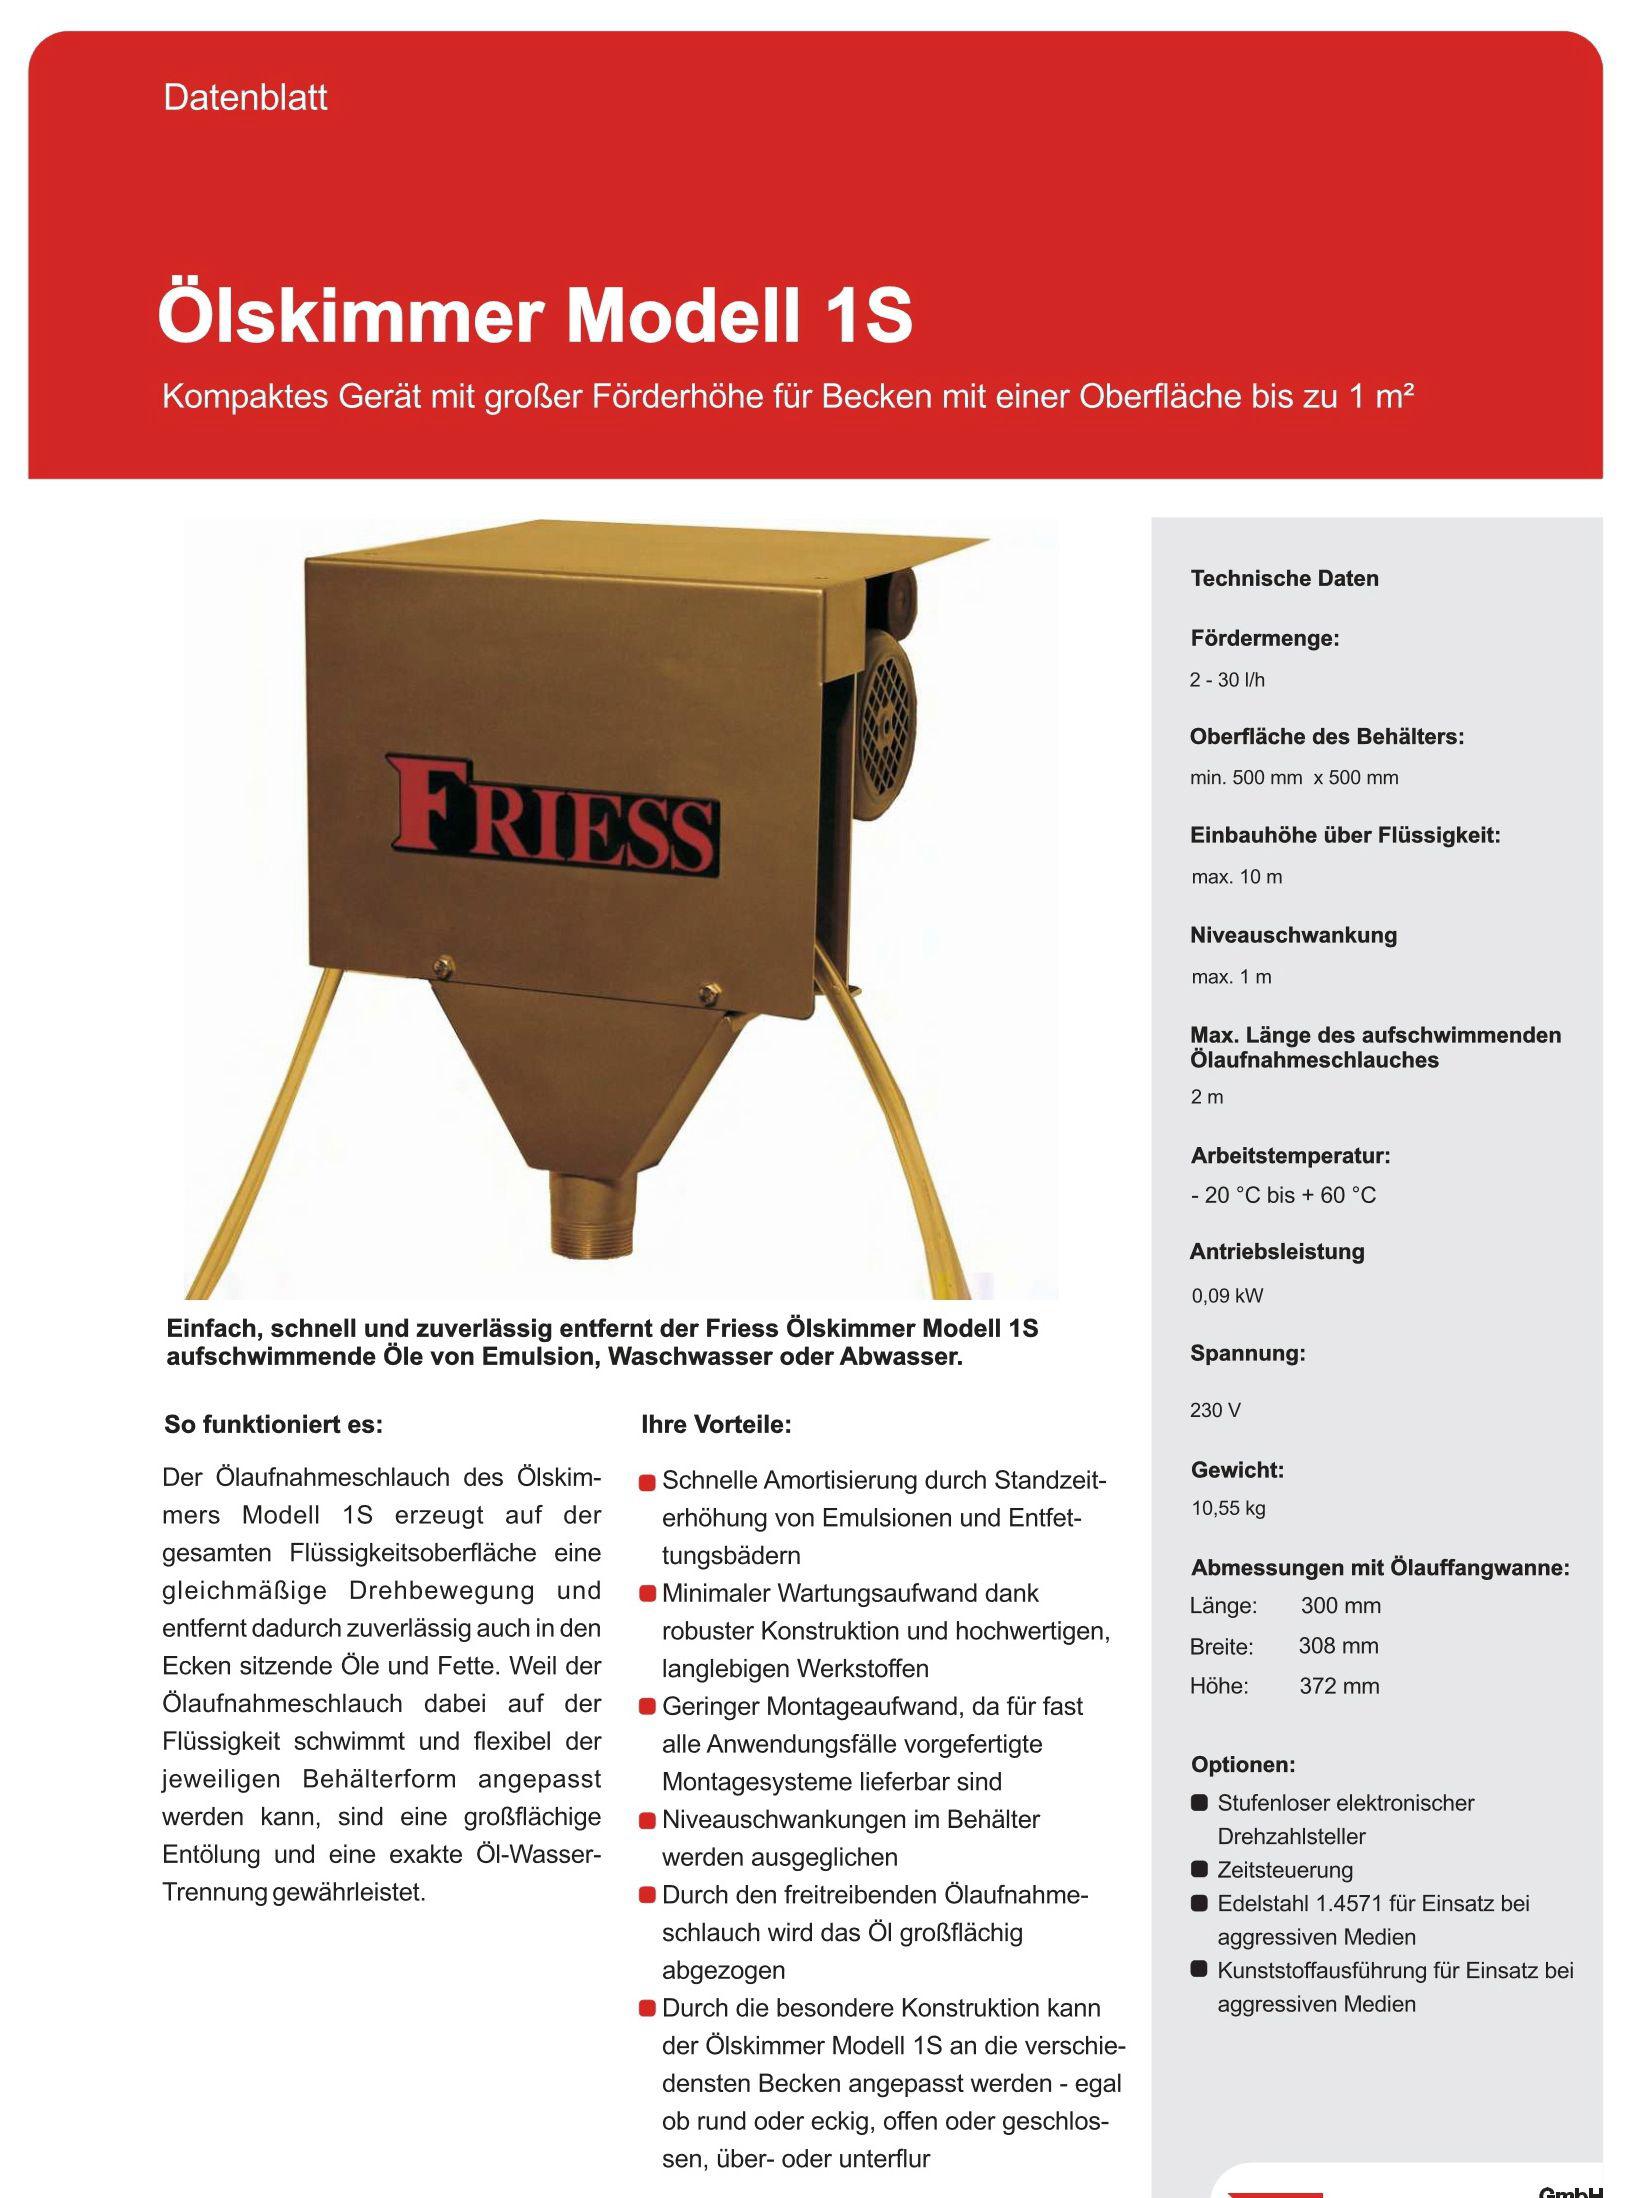 Datenblatt-Modell-1S_1